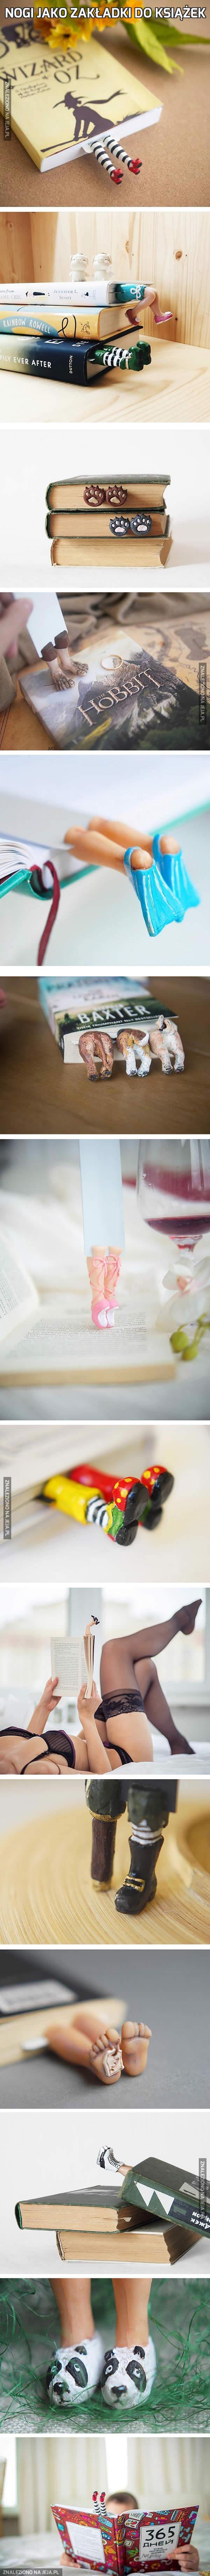 Nogi jako zakładki do książek